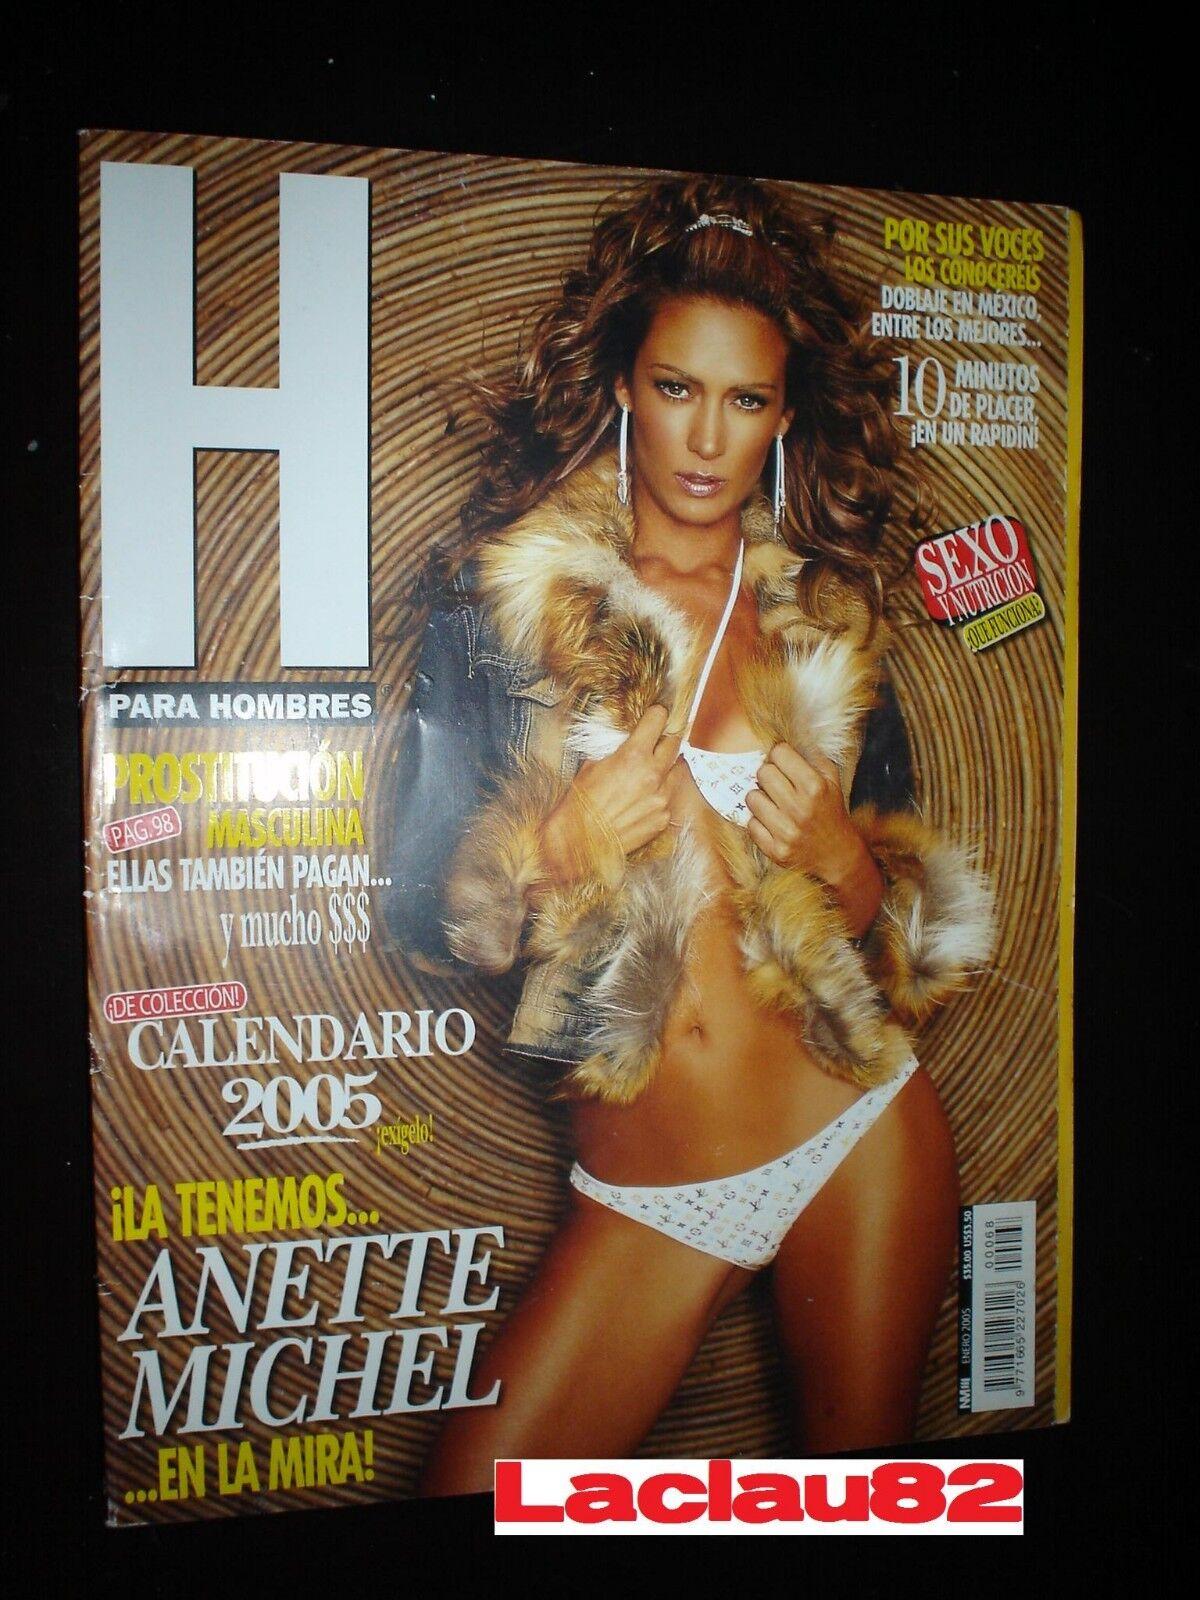 Anette Michel H anette michel #68 revista h para hombres mexican